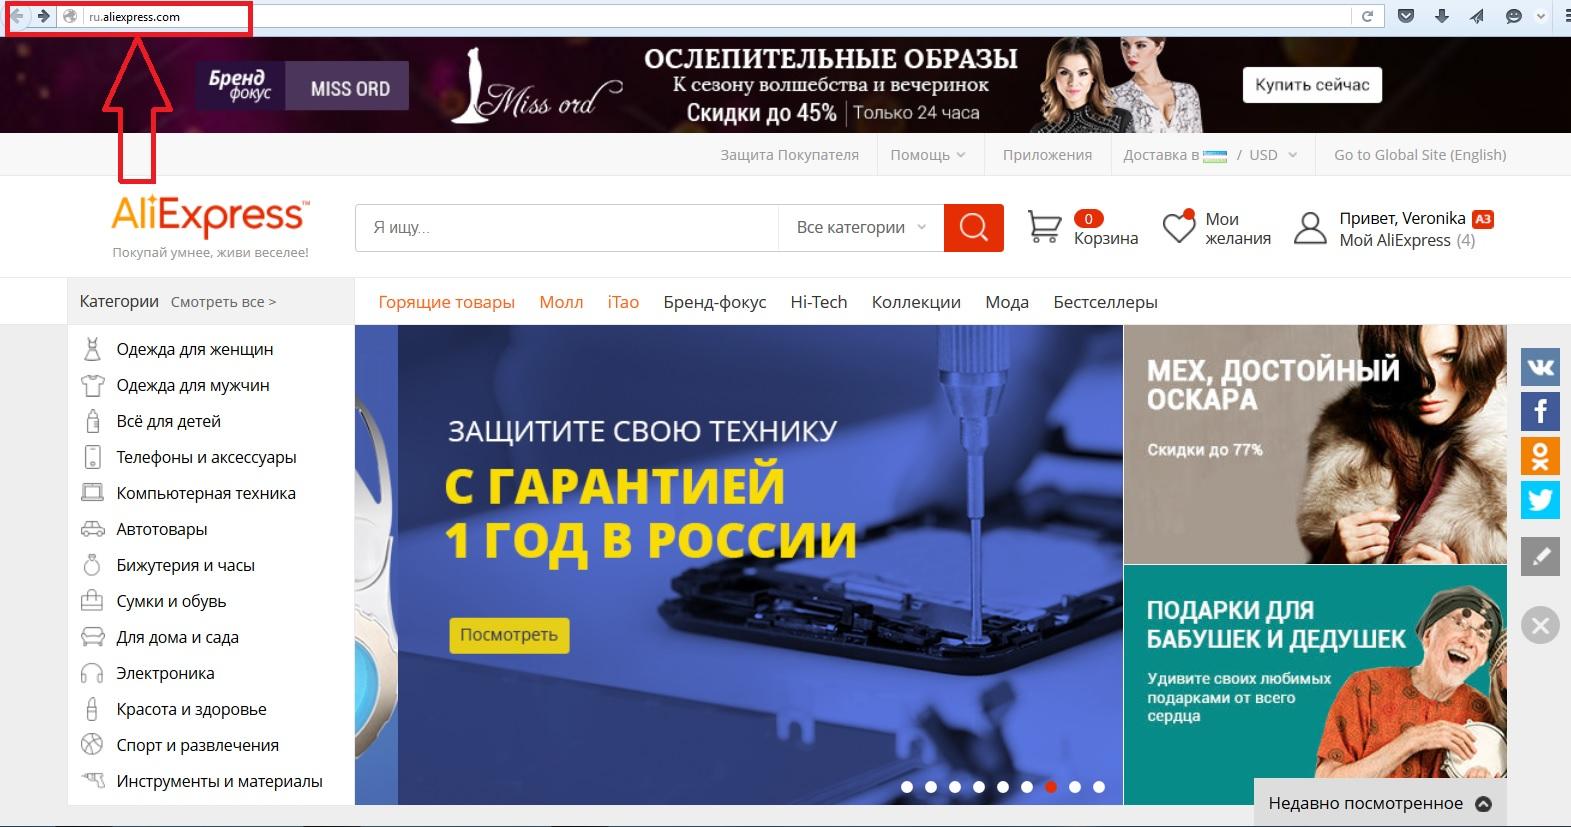 смотреть онлайн русскую версию джерк офф инструктионс